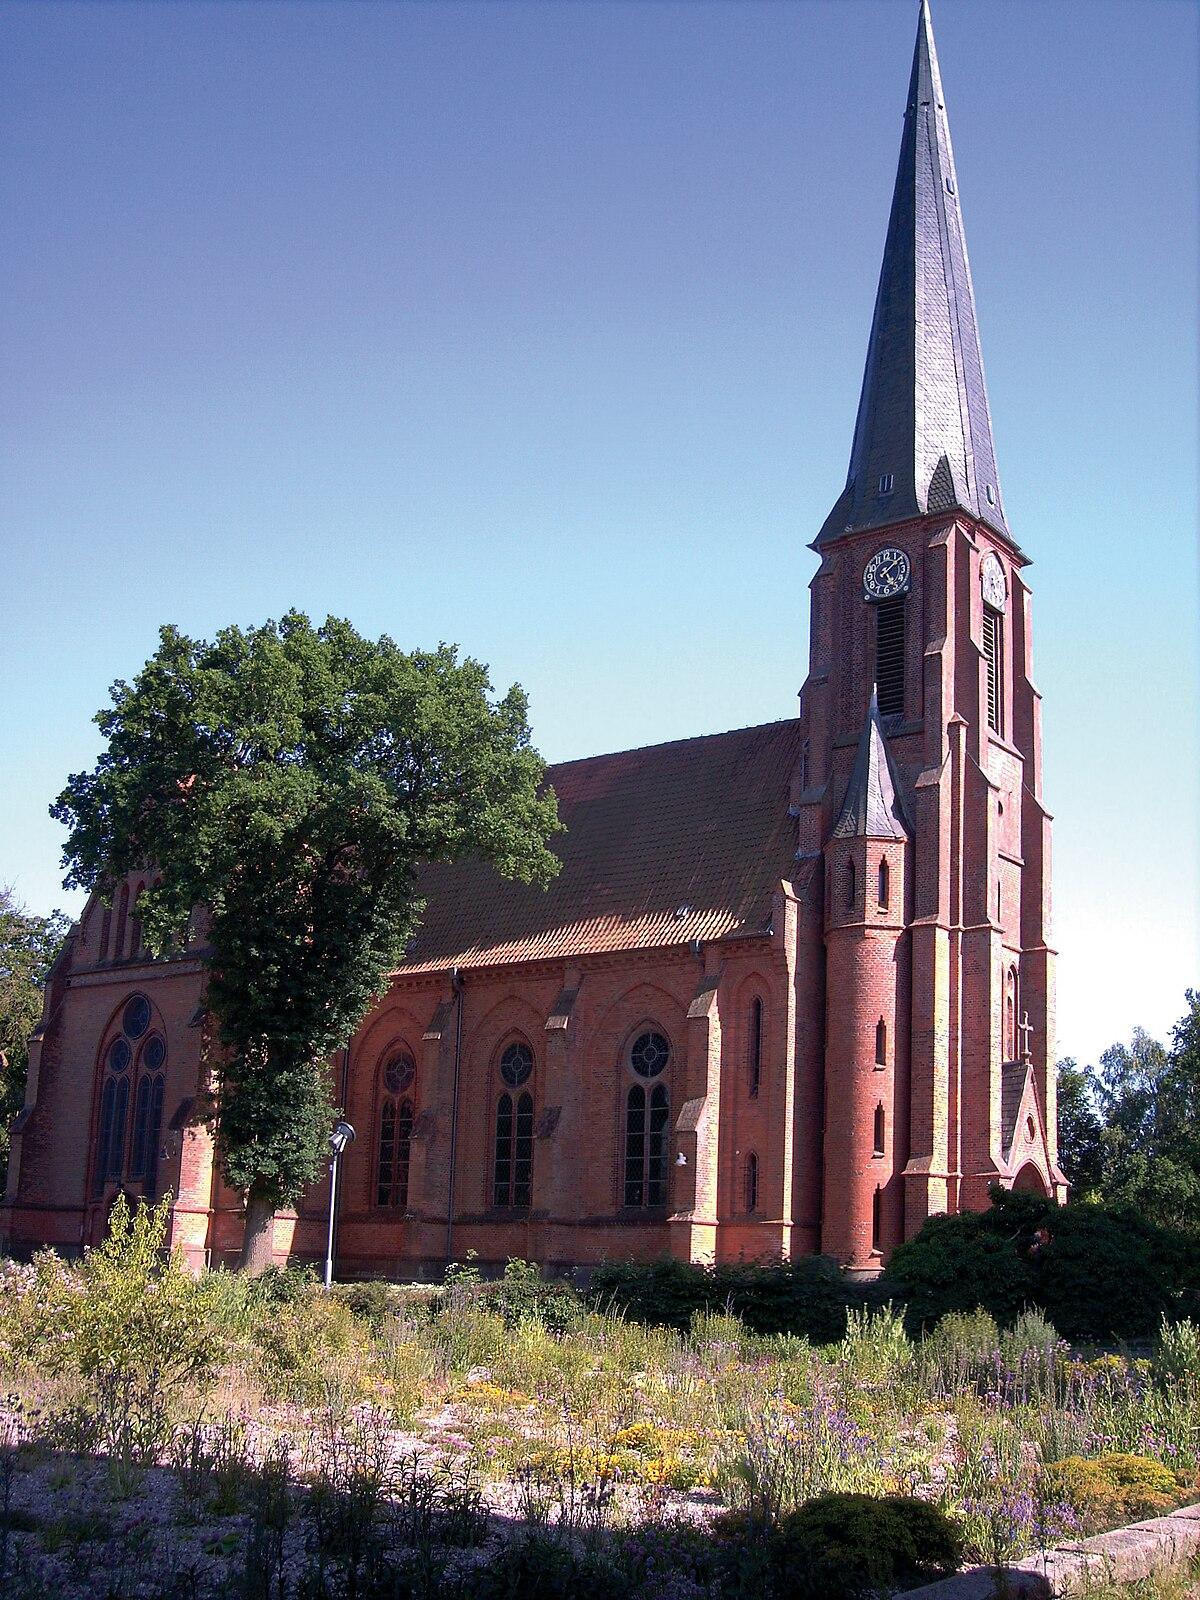 Elmschenhagen Kiel